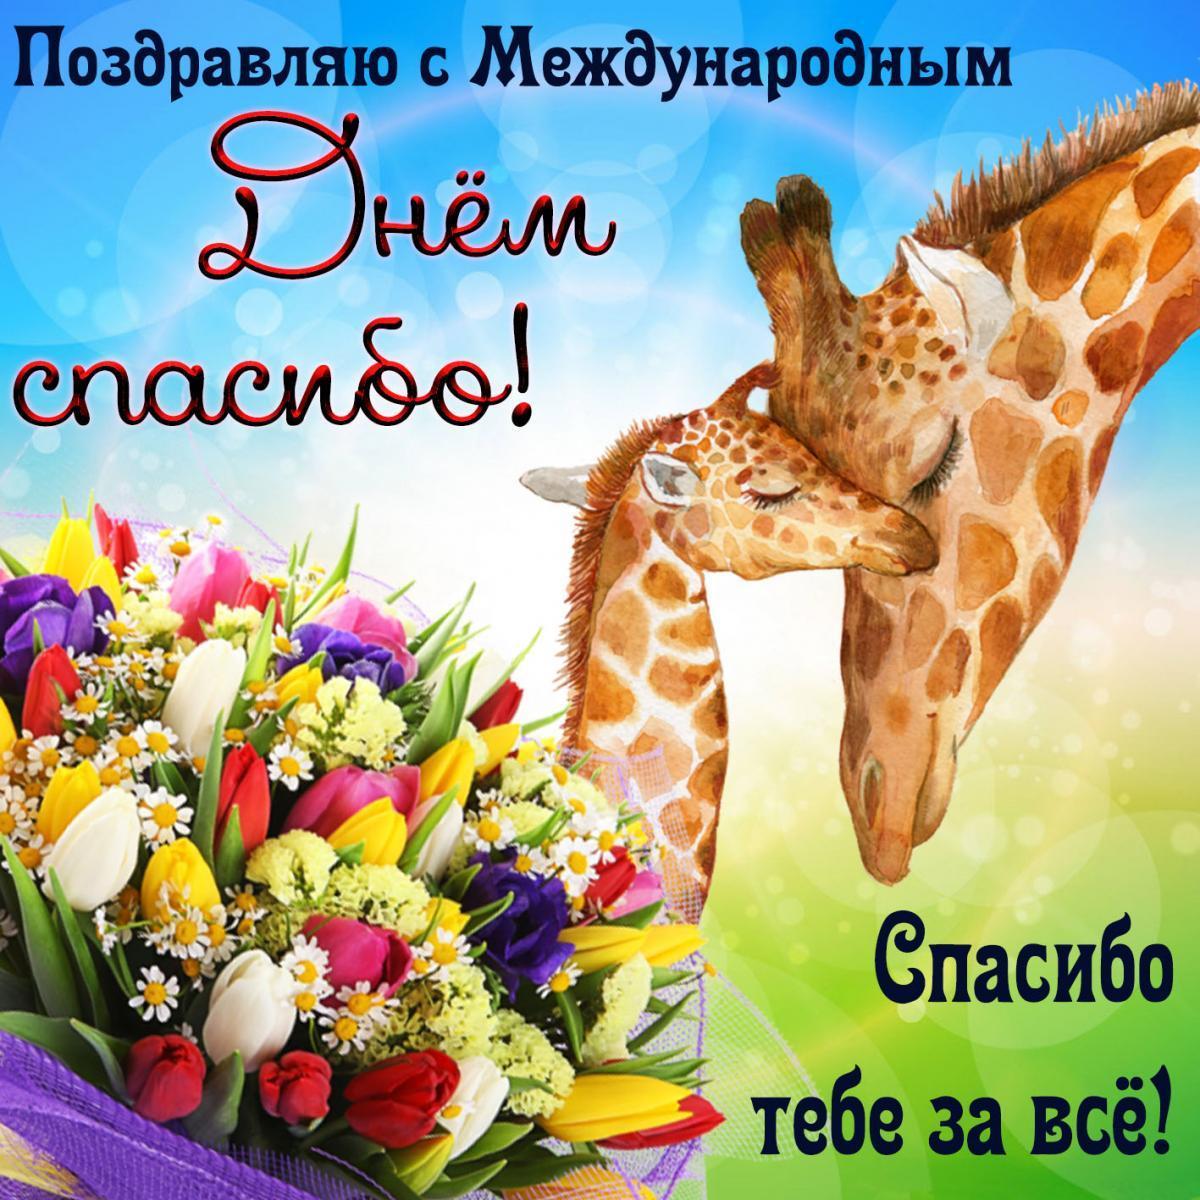 / фото pinterest.com